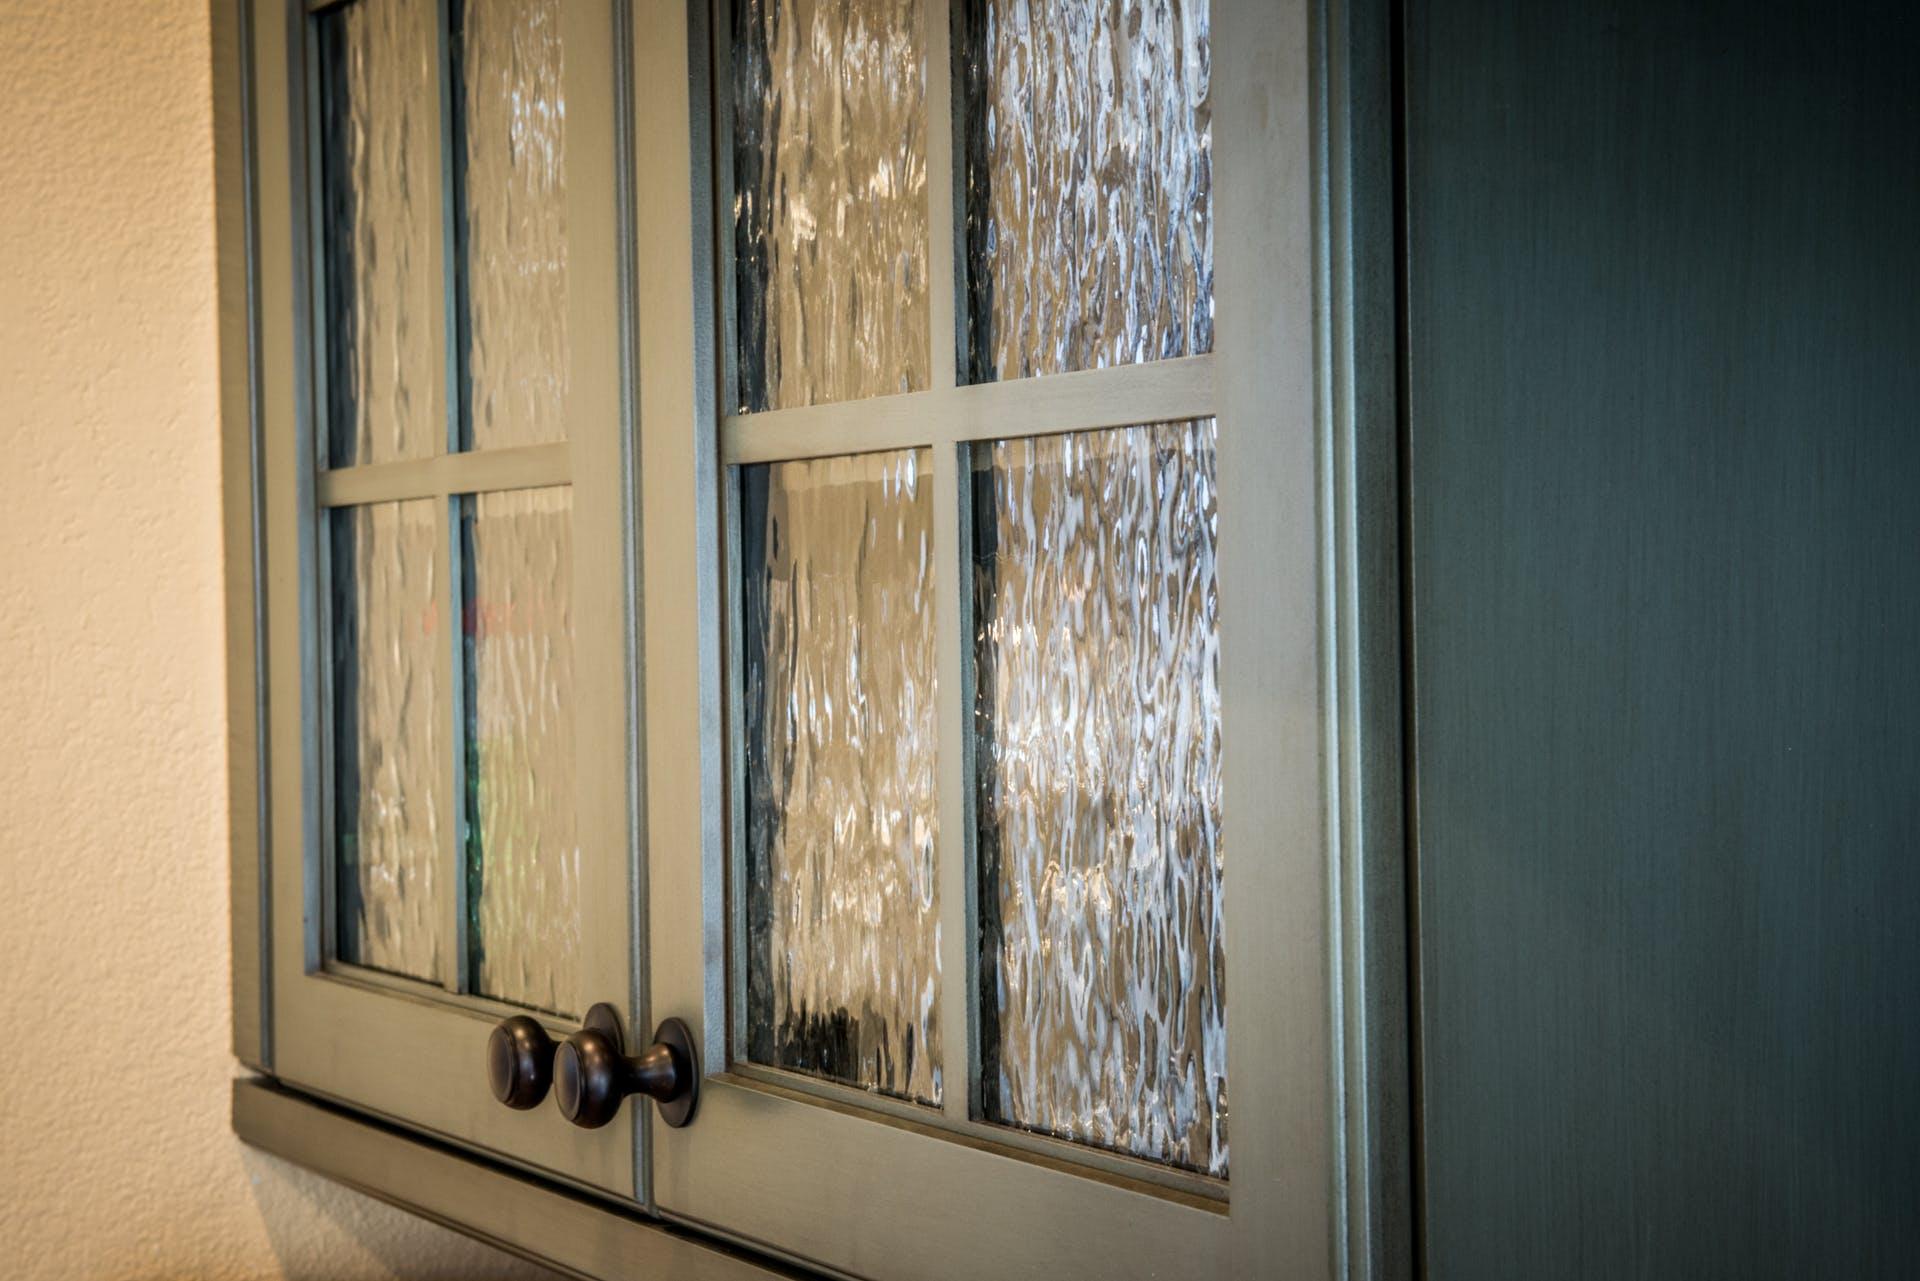 interior cabinet interior design